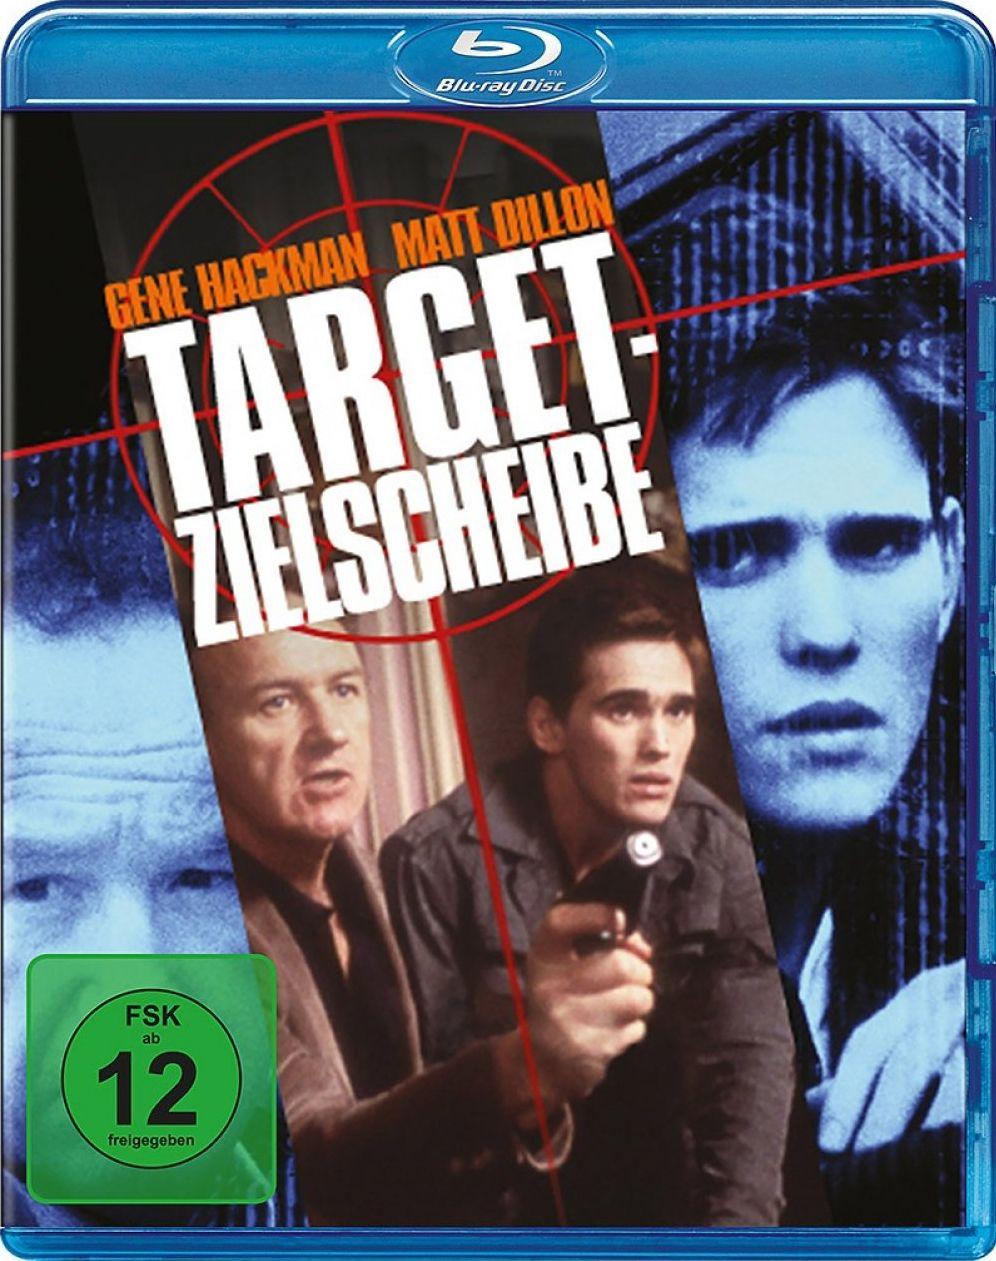 Target - Zielscheibe (BLURAY)